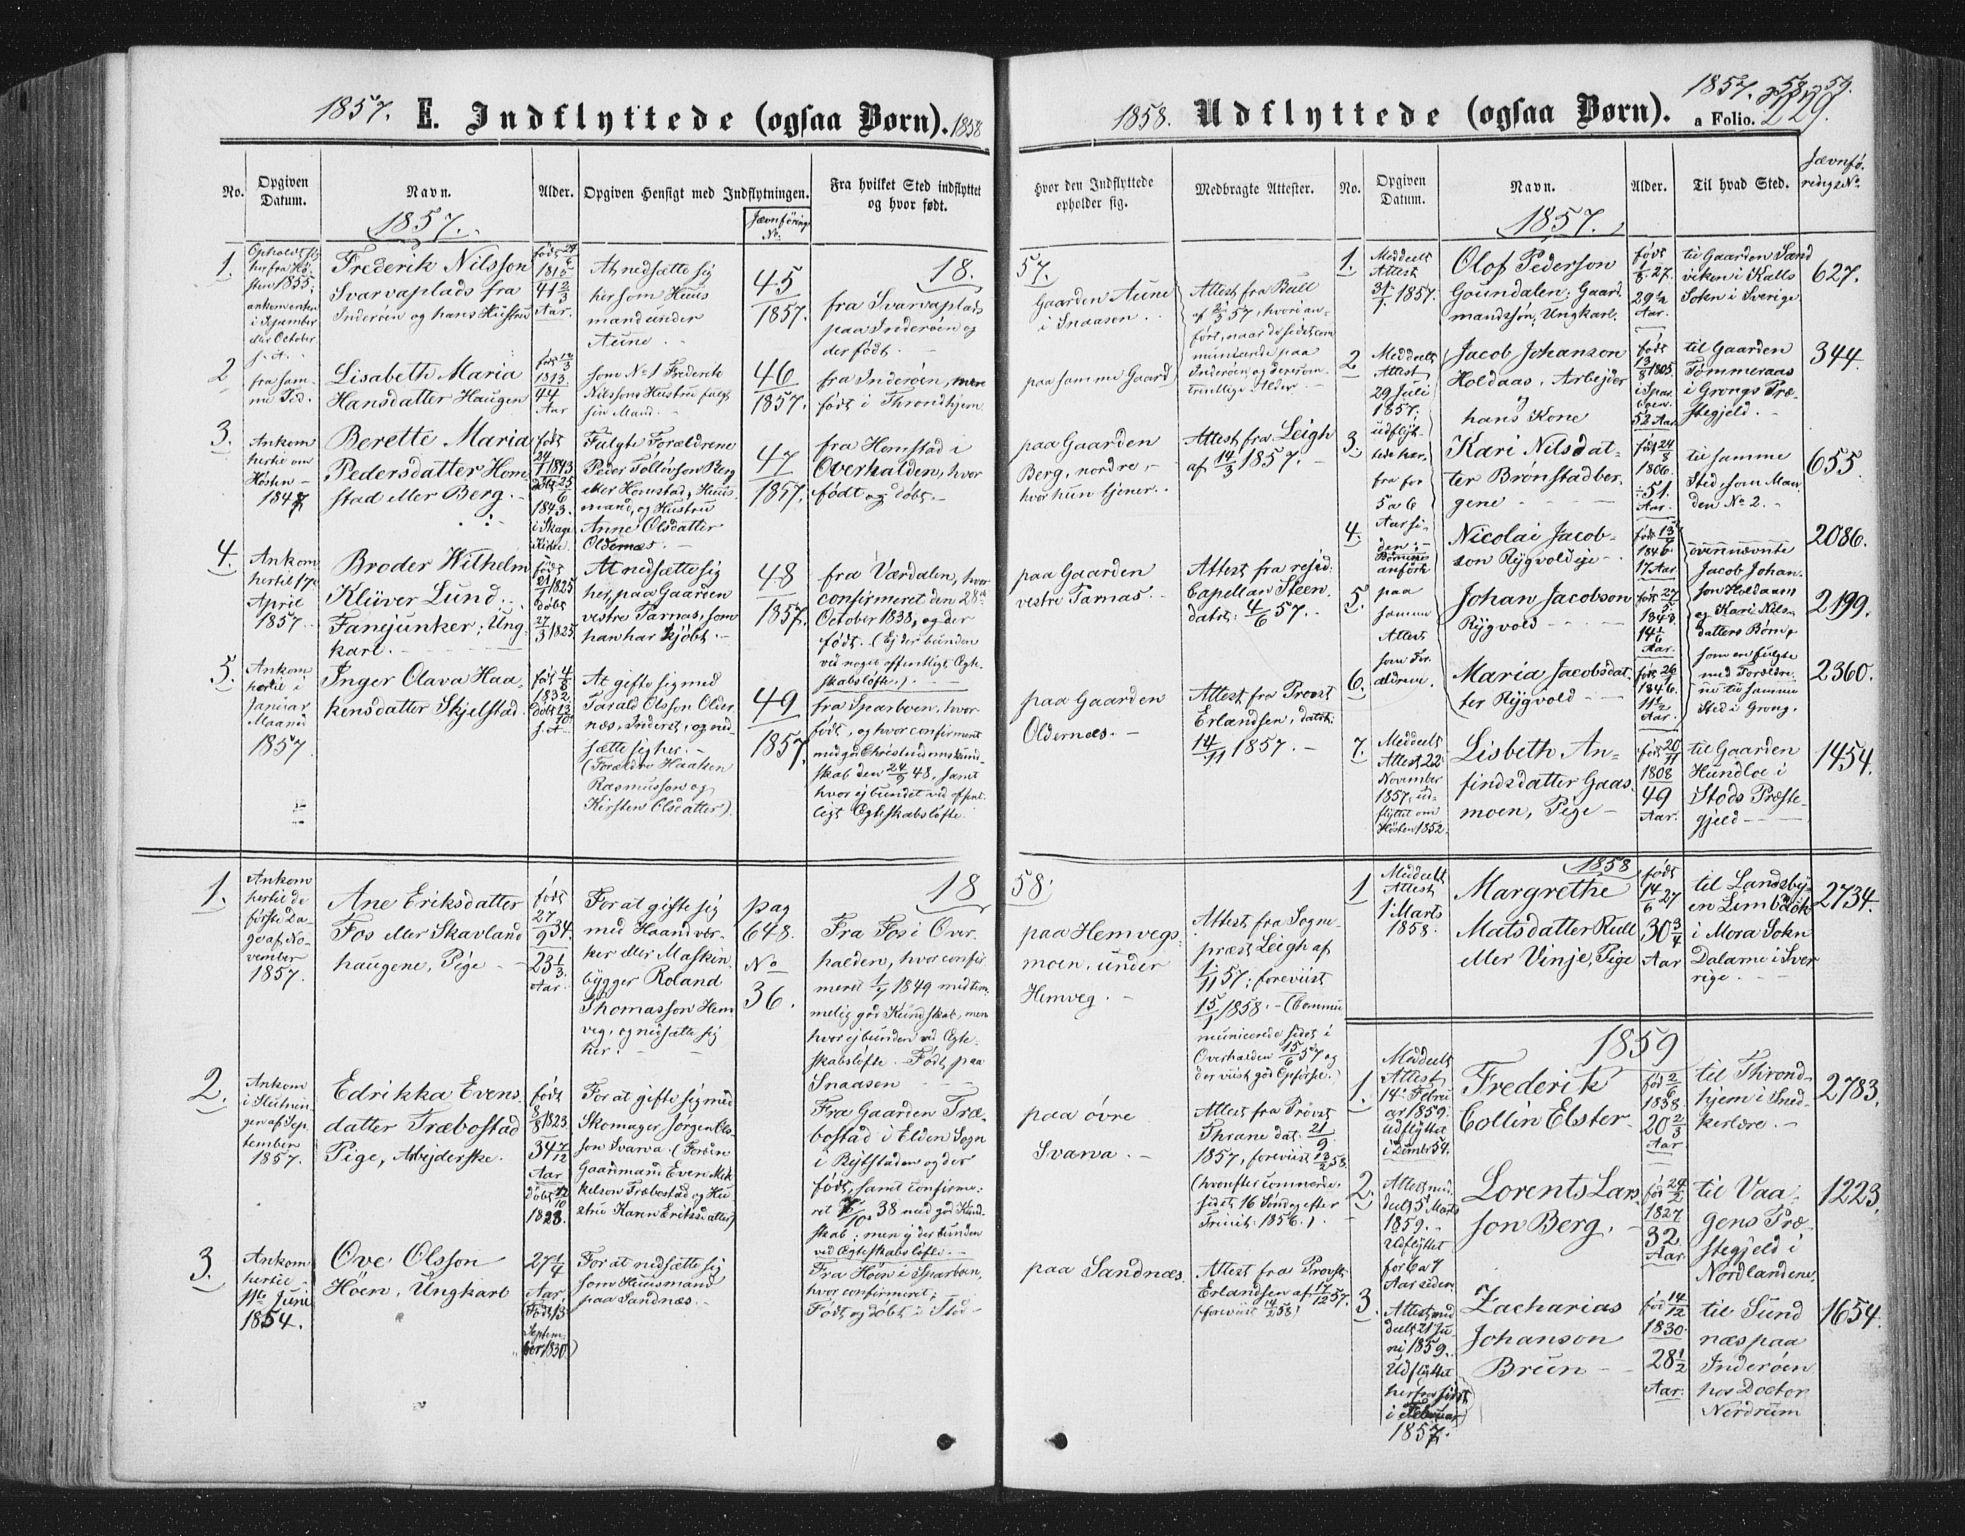 SAT, Ministerialprotokoller, klokkerbøker og fødselsregistre - Nord-Trøndelag, 749/L0472: Ministerialbok nr. 749A06, 1857-1873, s. 229